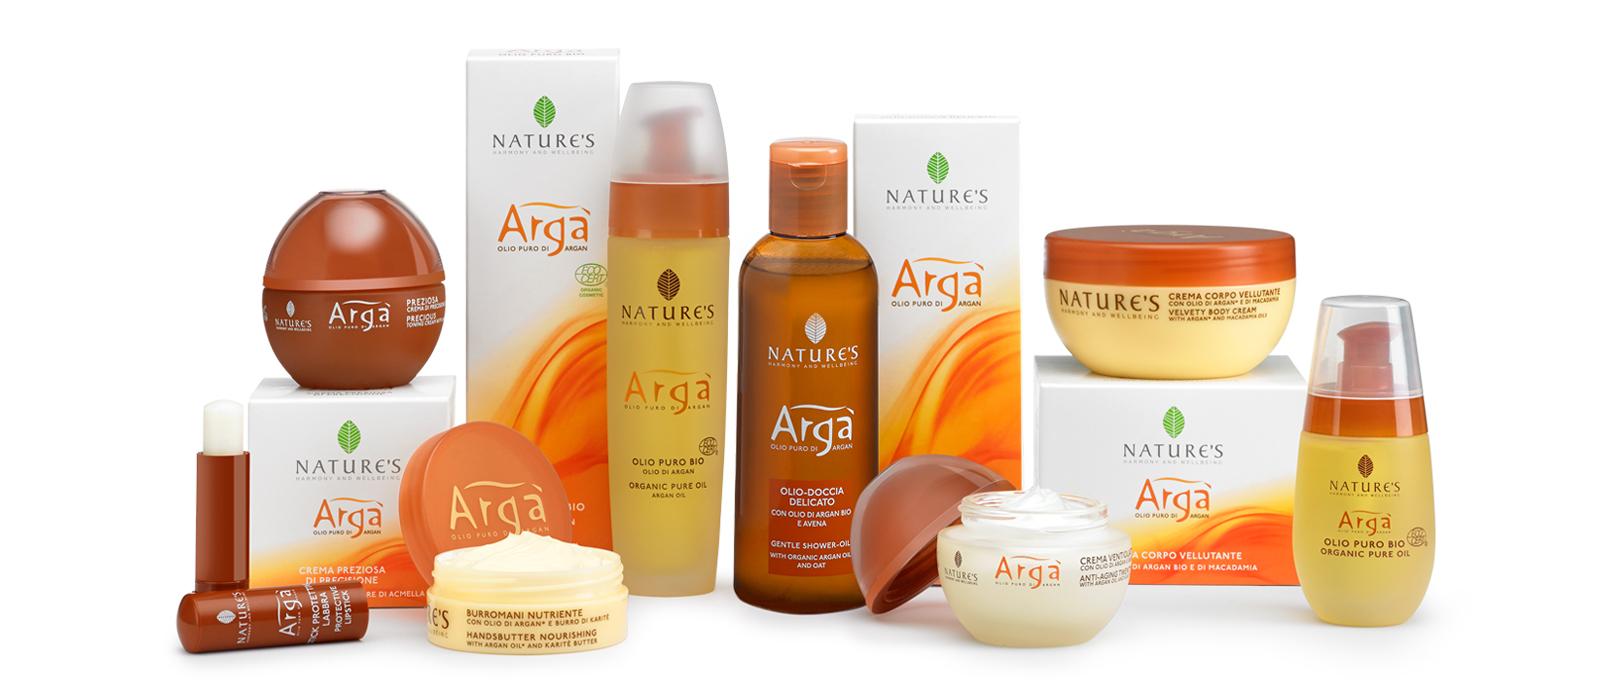 Arga-Serie